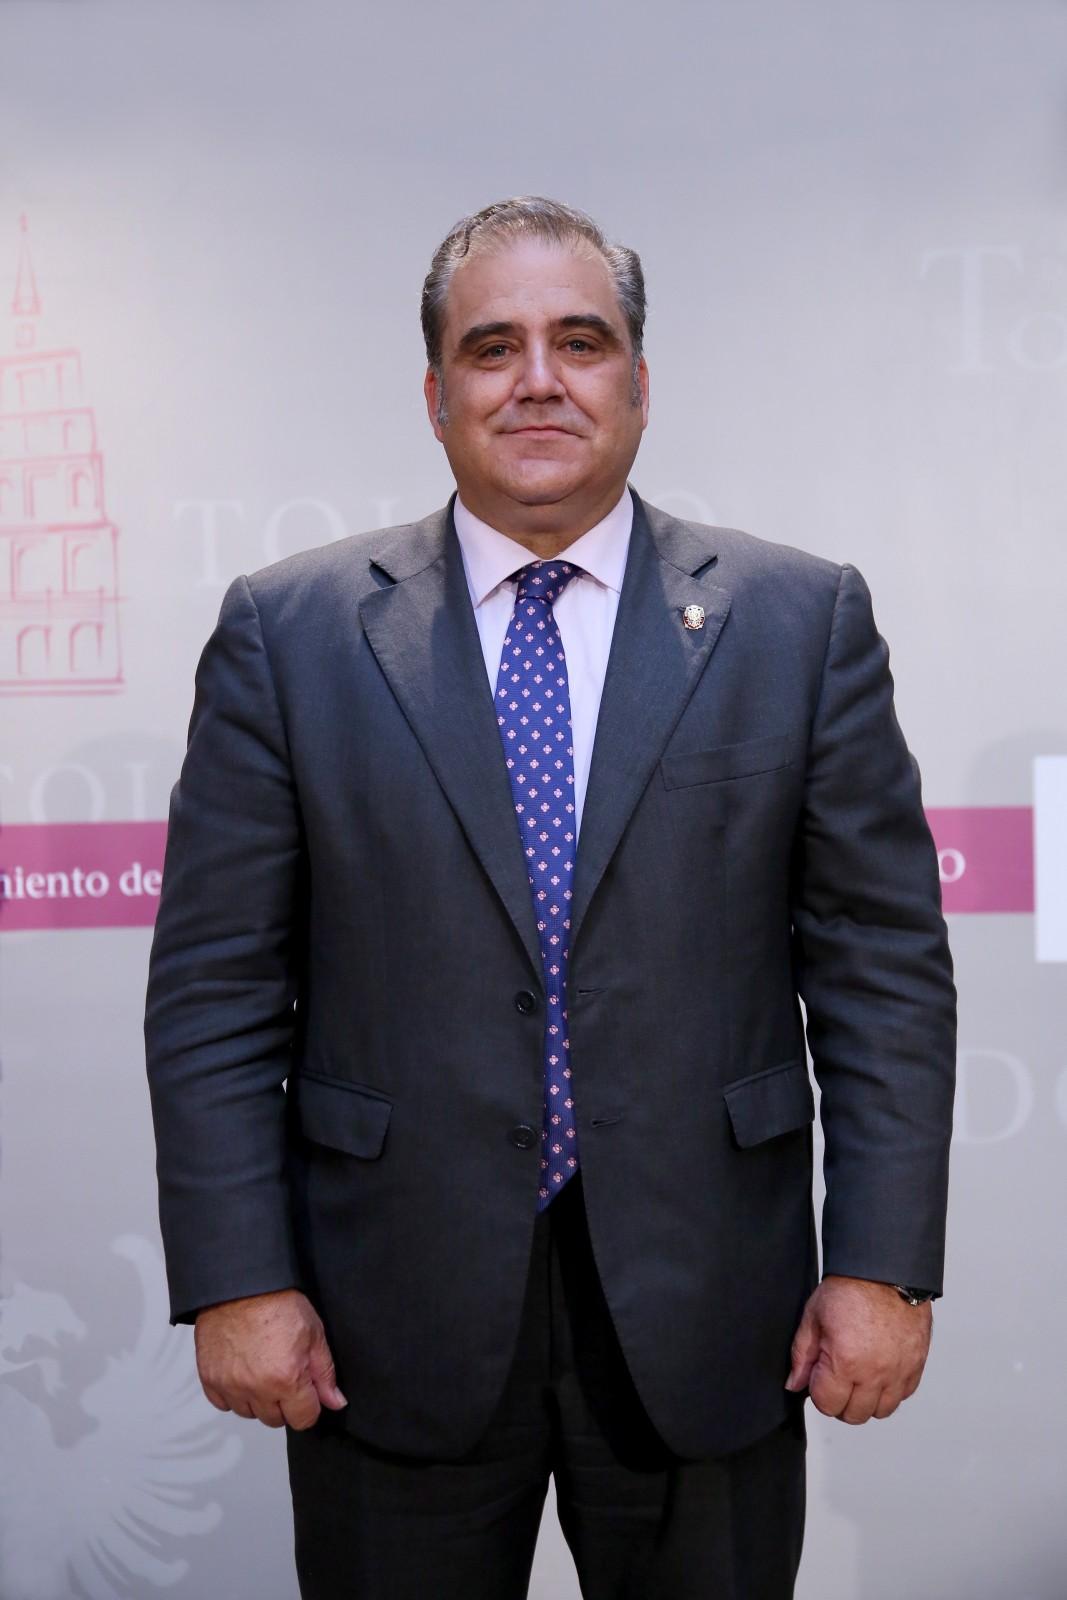 Pablo José Corrales